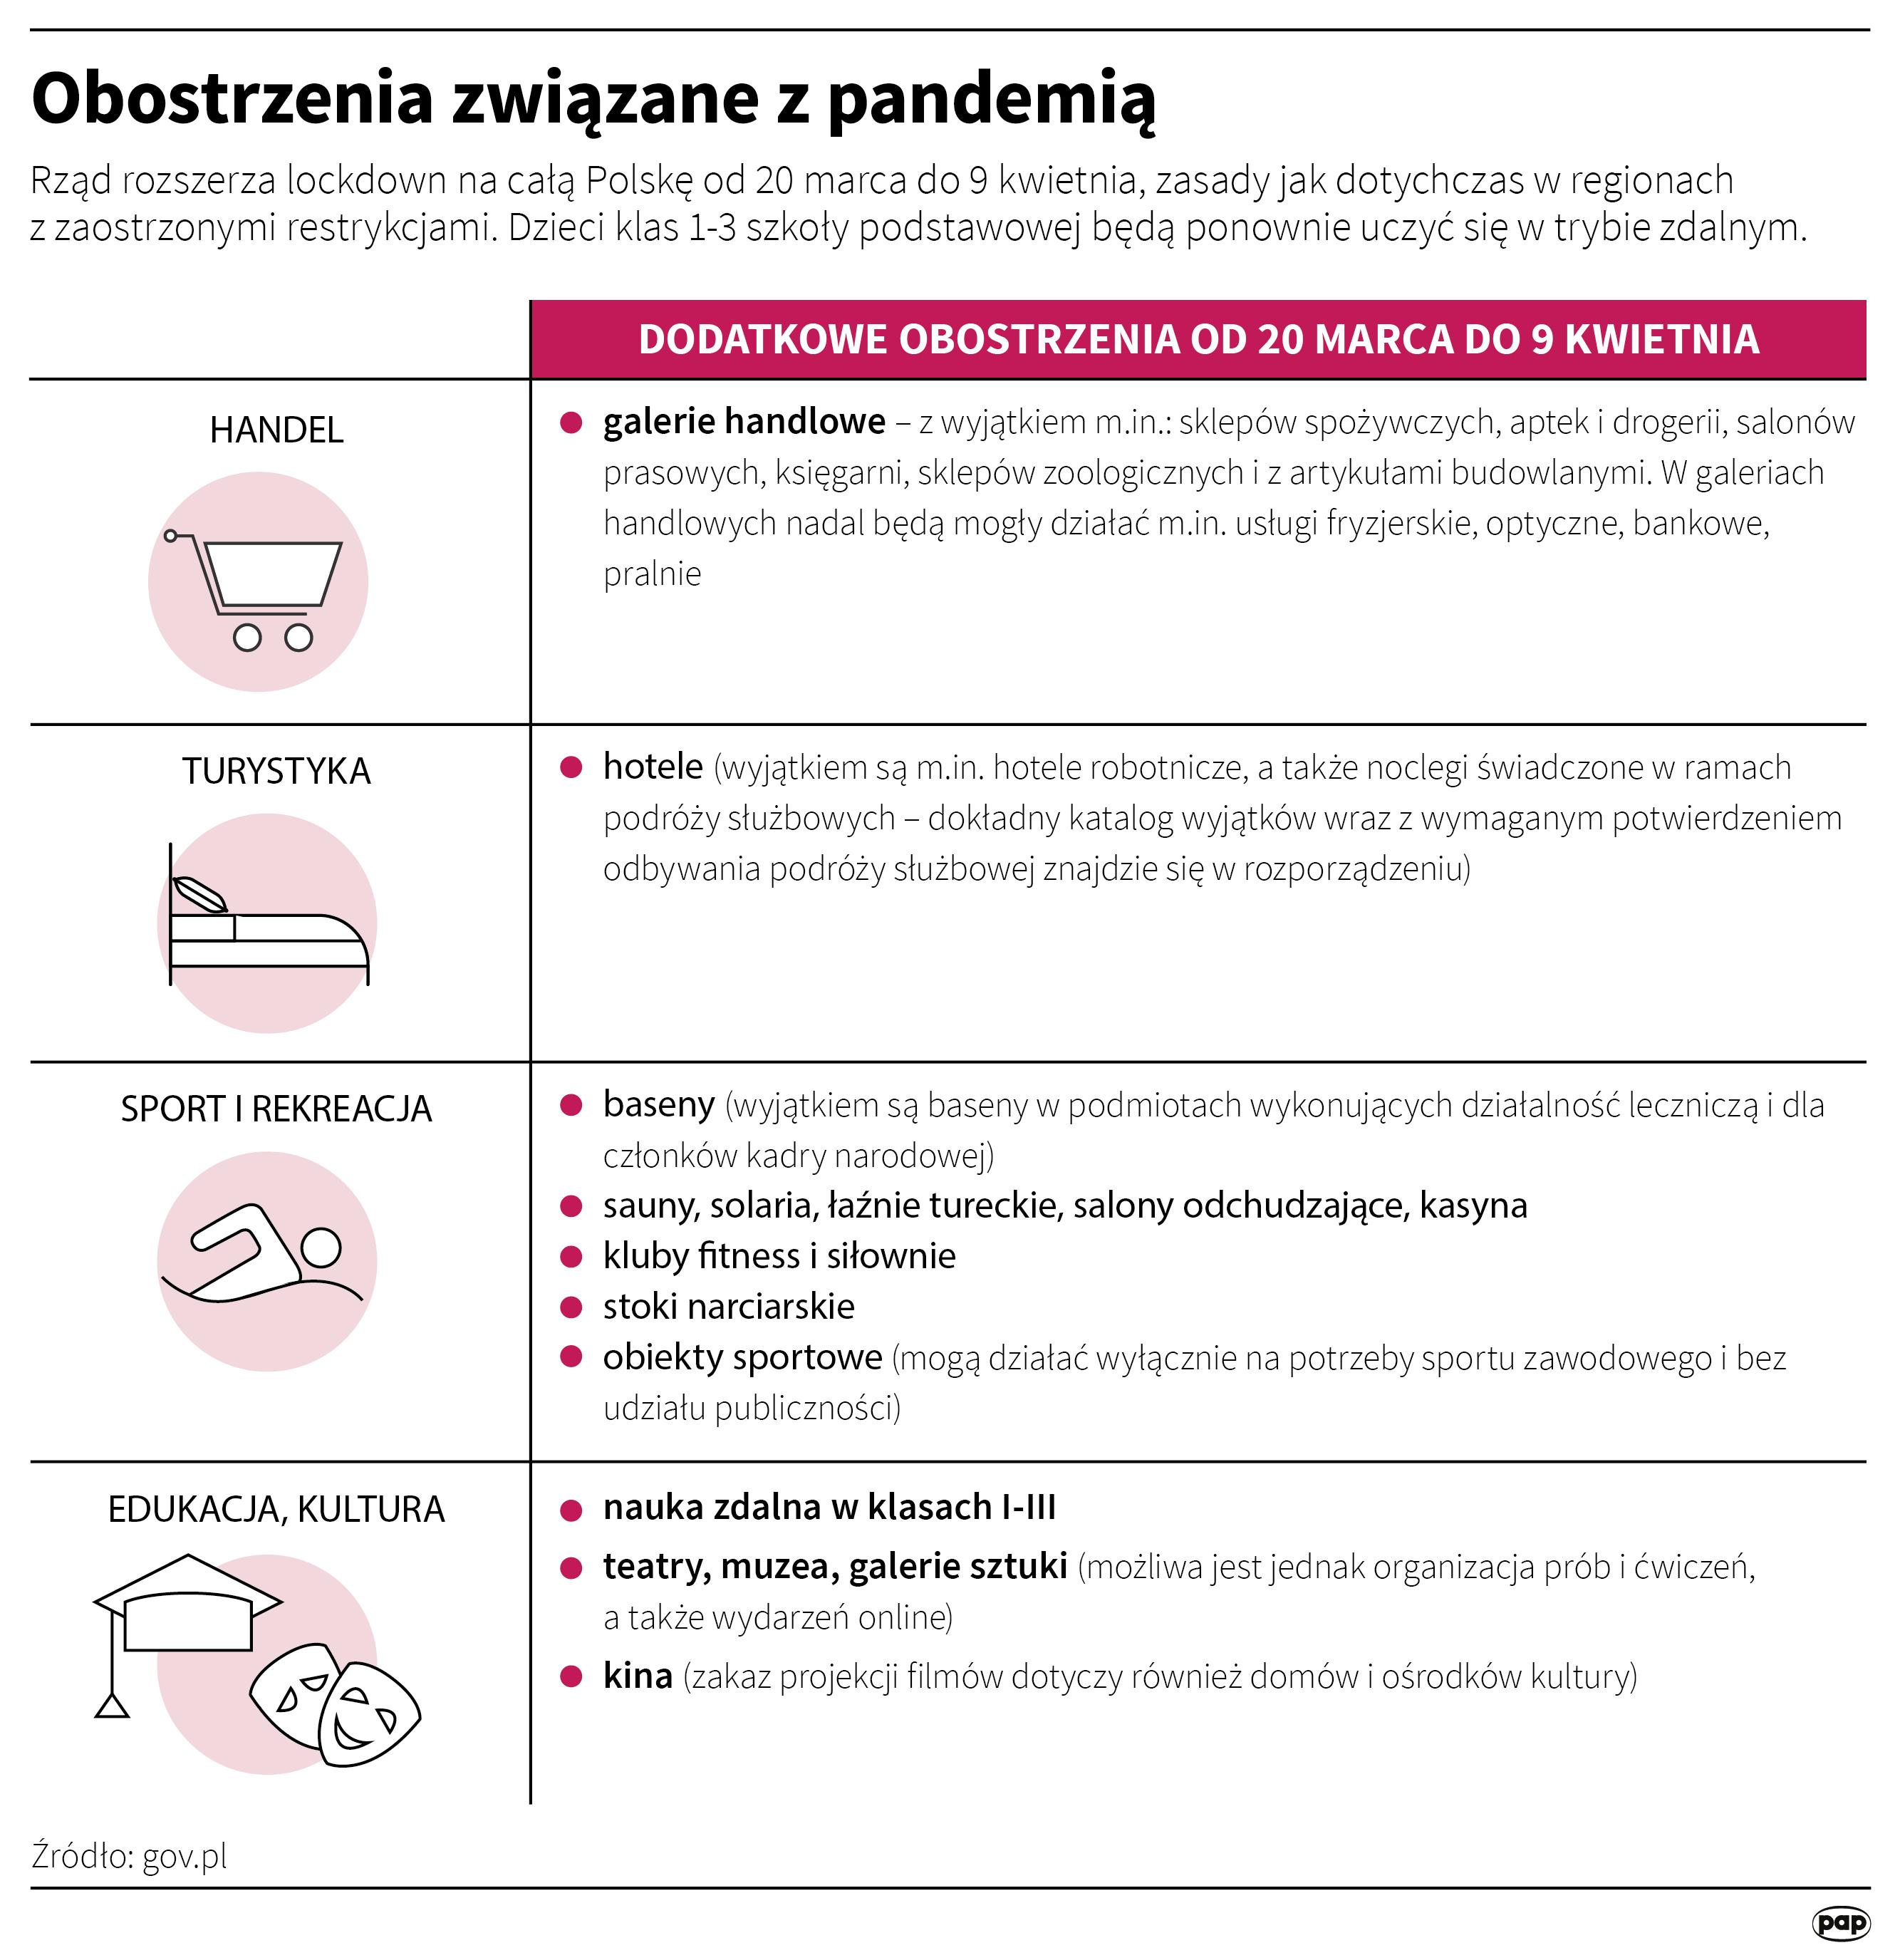 Obostrzenia związane z pandemią od 20 marca [autor: Maciej Zieliński, źródło: PAP]